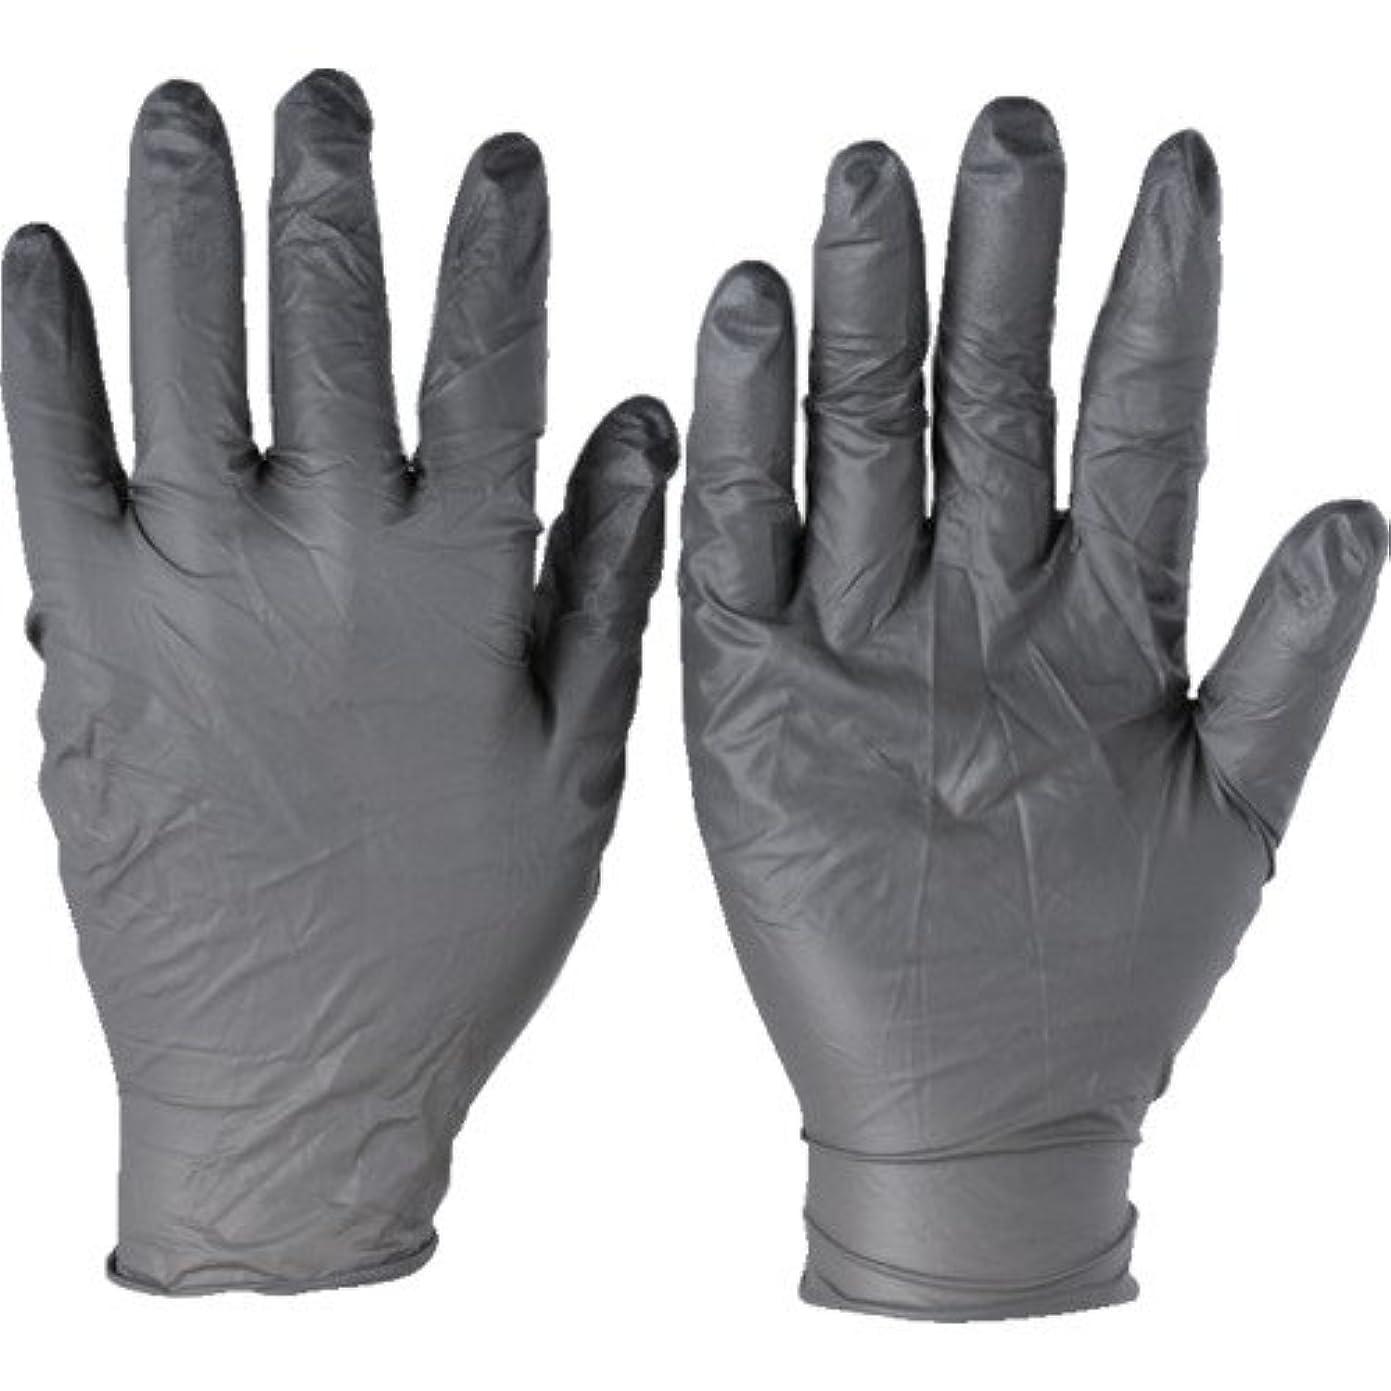 エッセンス眠いです登録するトラスコ中山 アンセル ニトリルゴム使い捨て手袋 タッチエヌタフ 粉無 Mサイズ 100枚入 932508